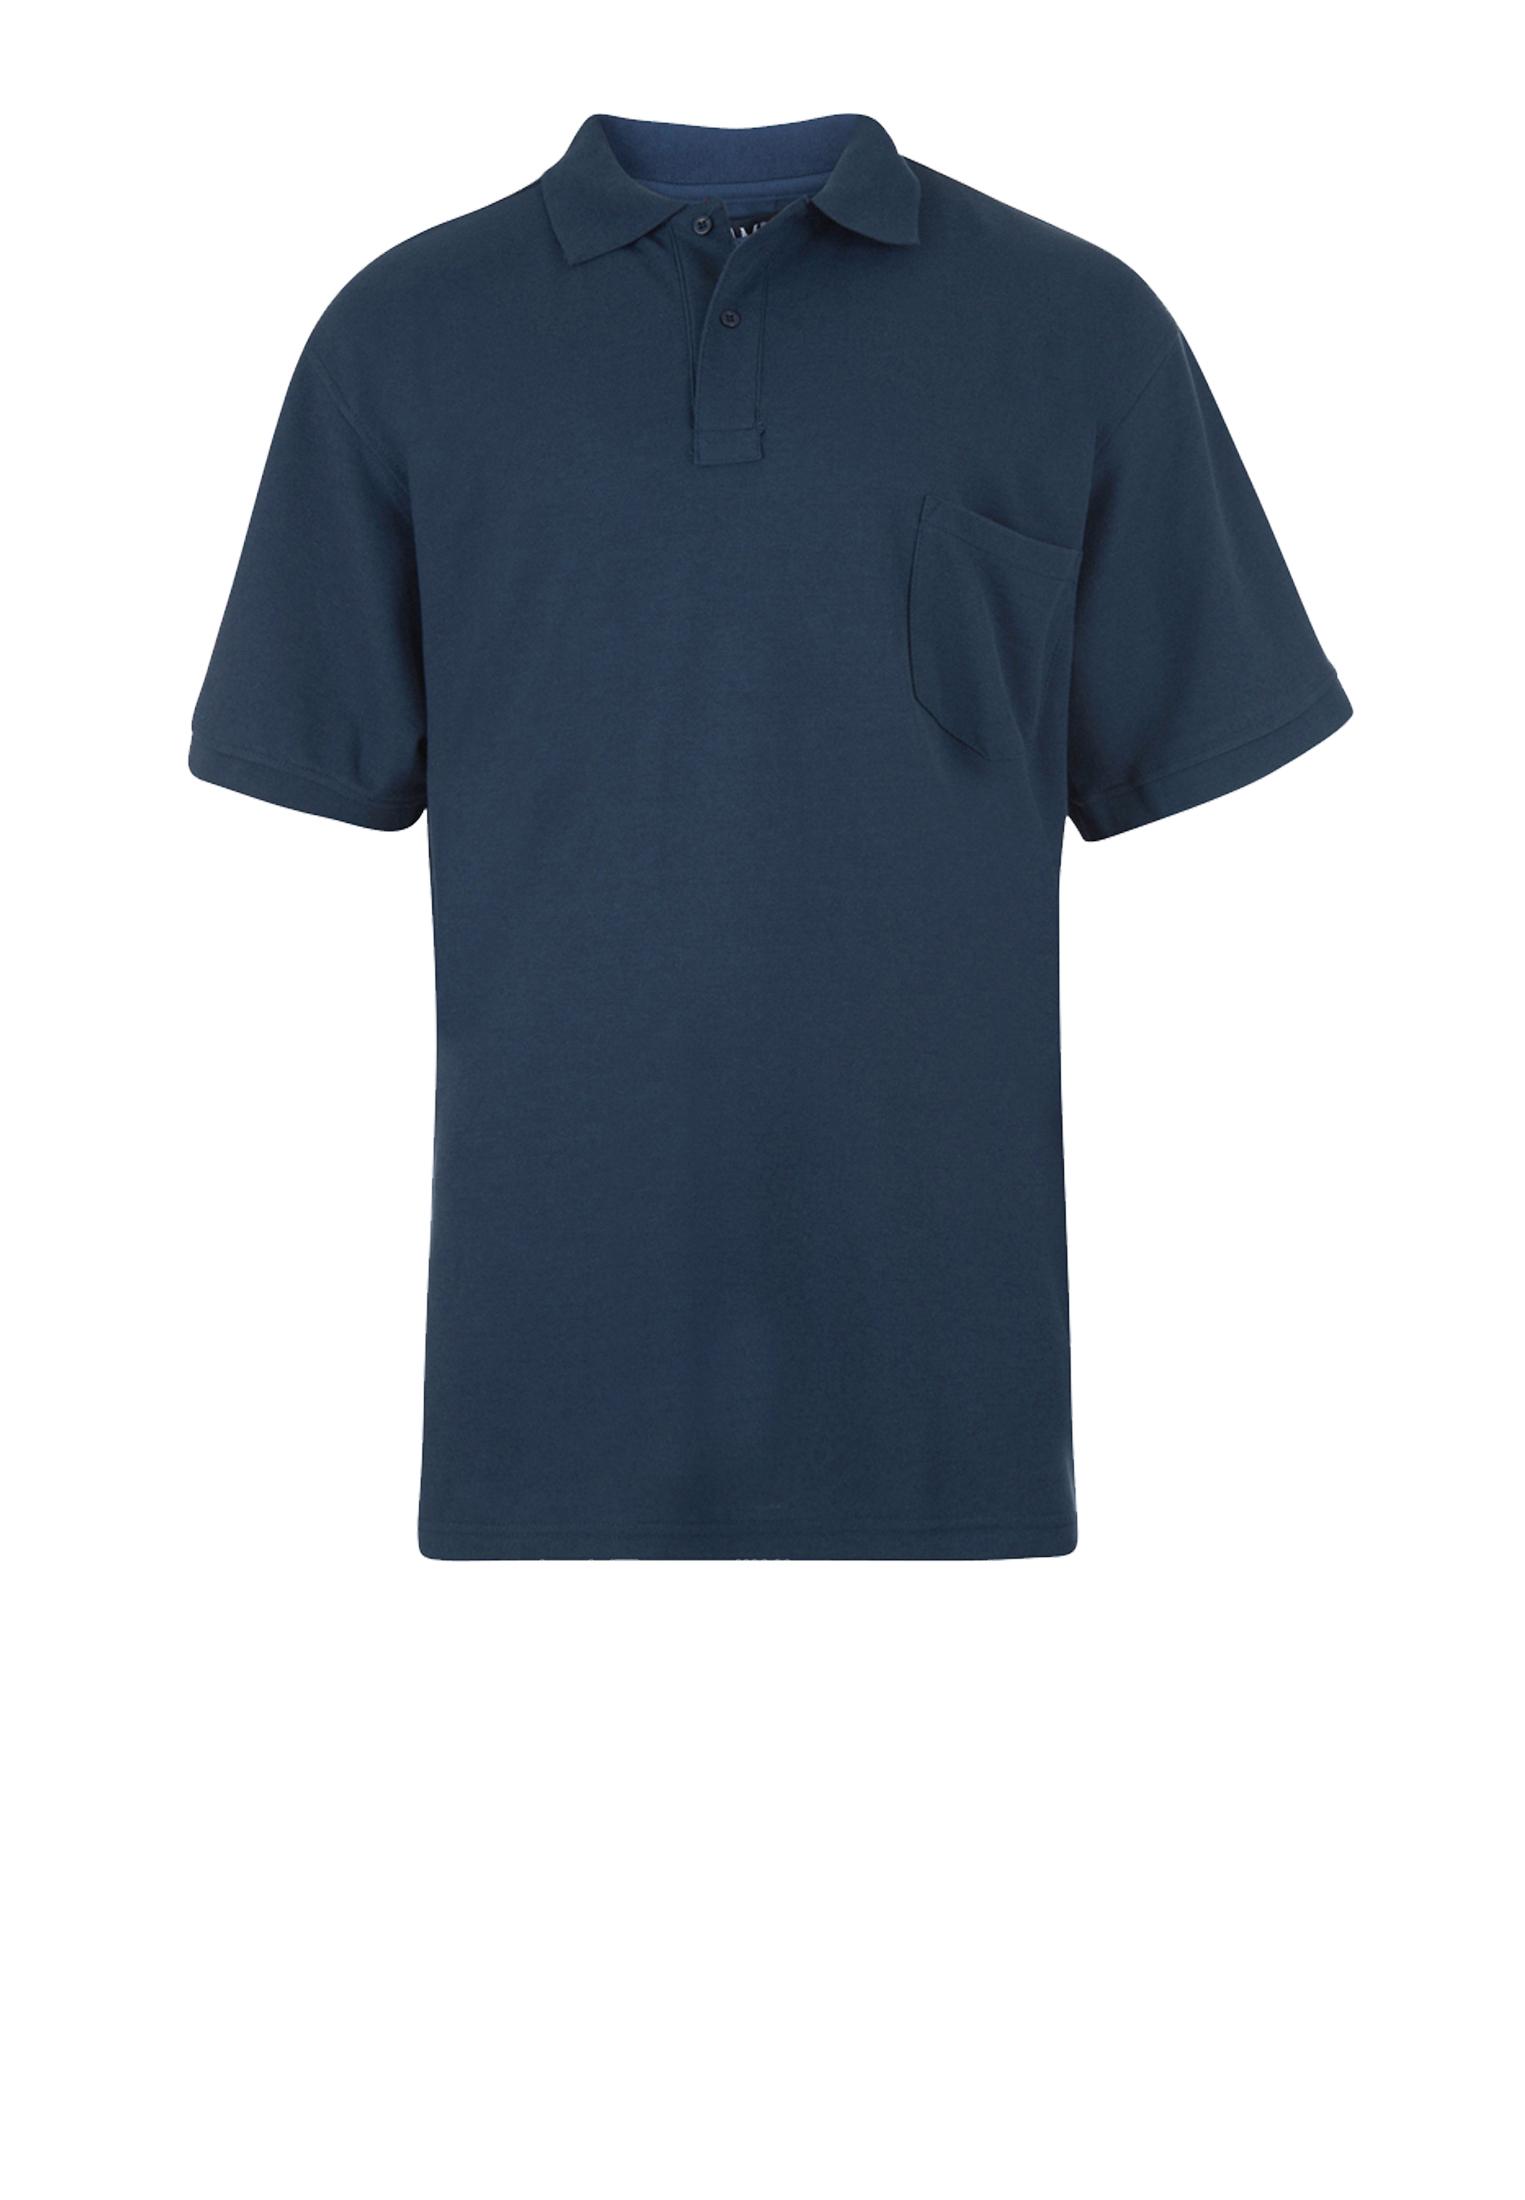 Effen polo van het merk KAM JEANSWEAR met een borstzakje op de linkerborst en een 3-knoopslijst. In de kleur demin.